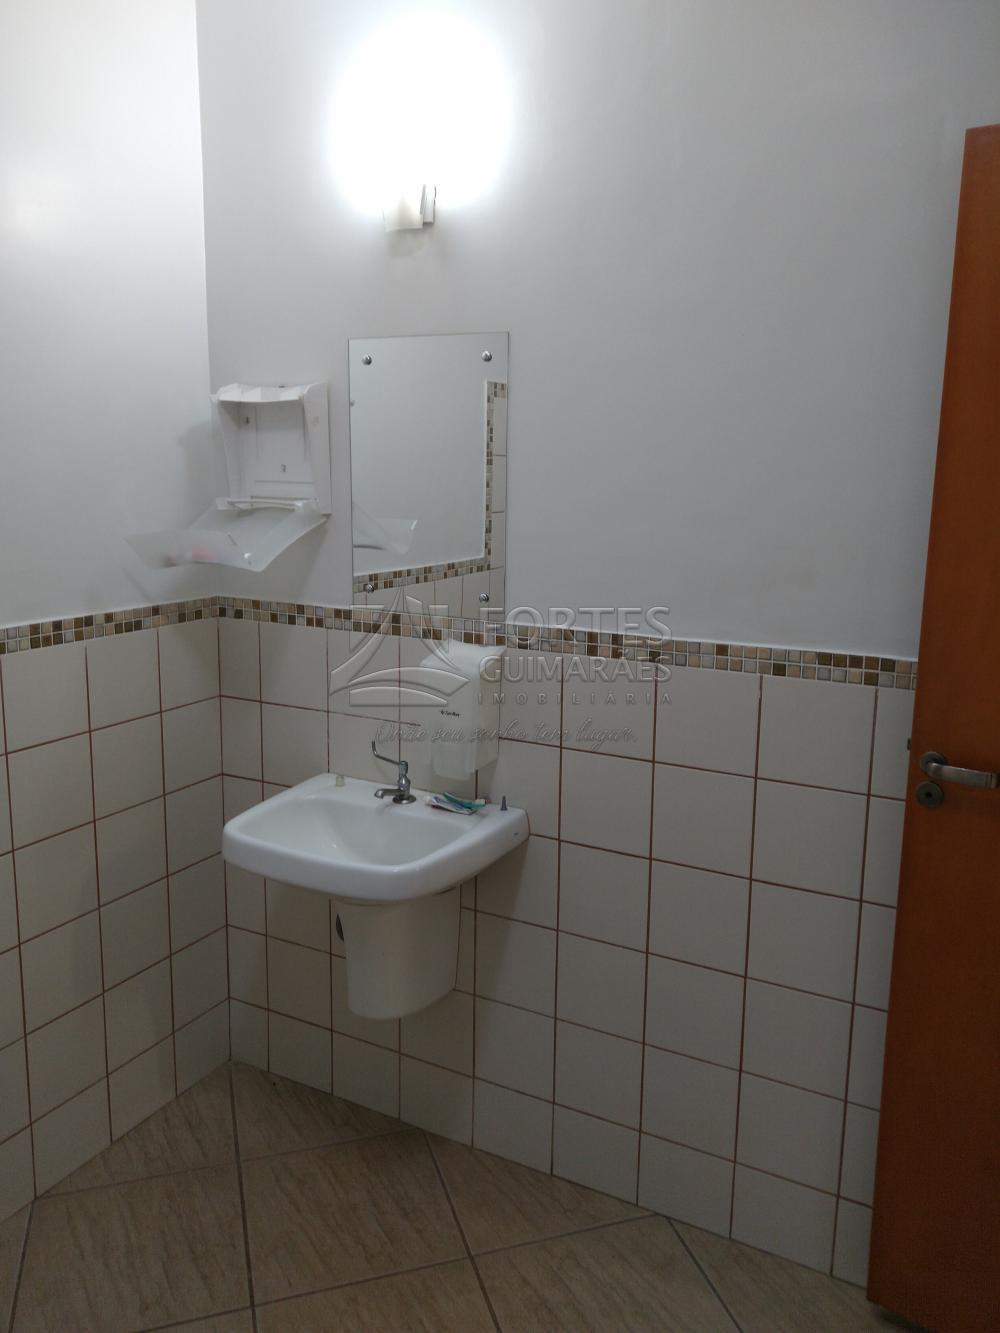 Alugar Comercial / Imóvel Comercial em Ribeirão Preto apenas R$ 12.000,00 - Foto 41